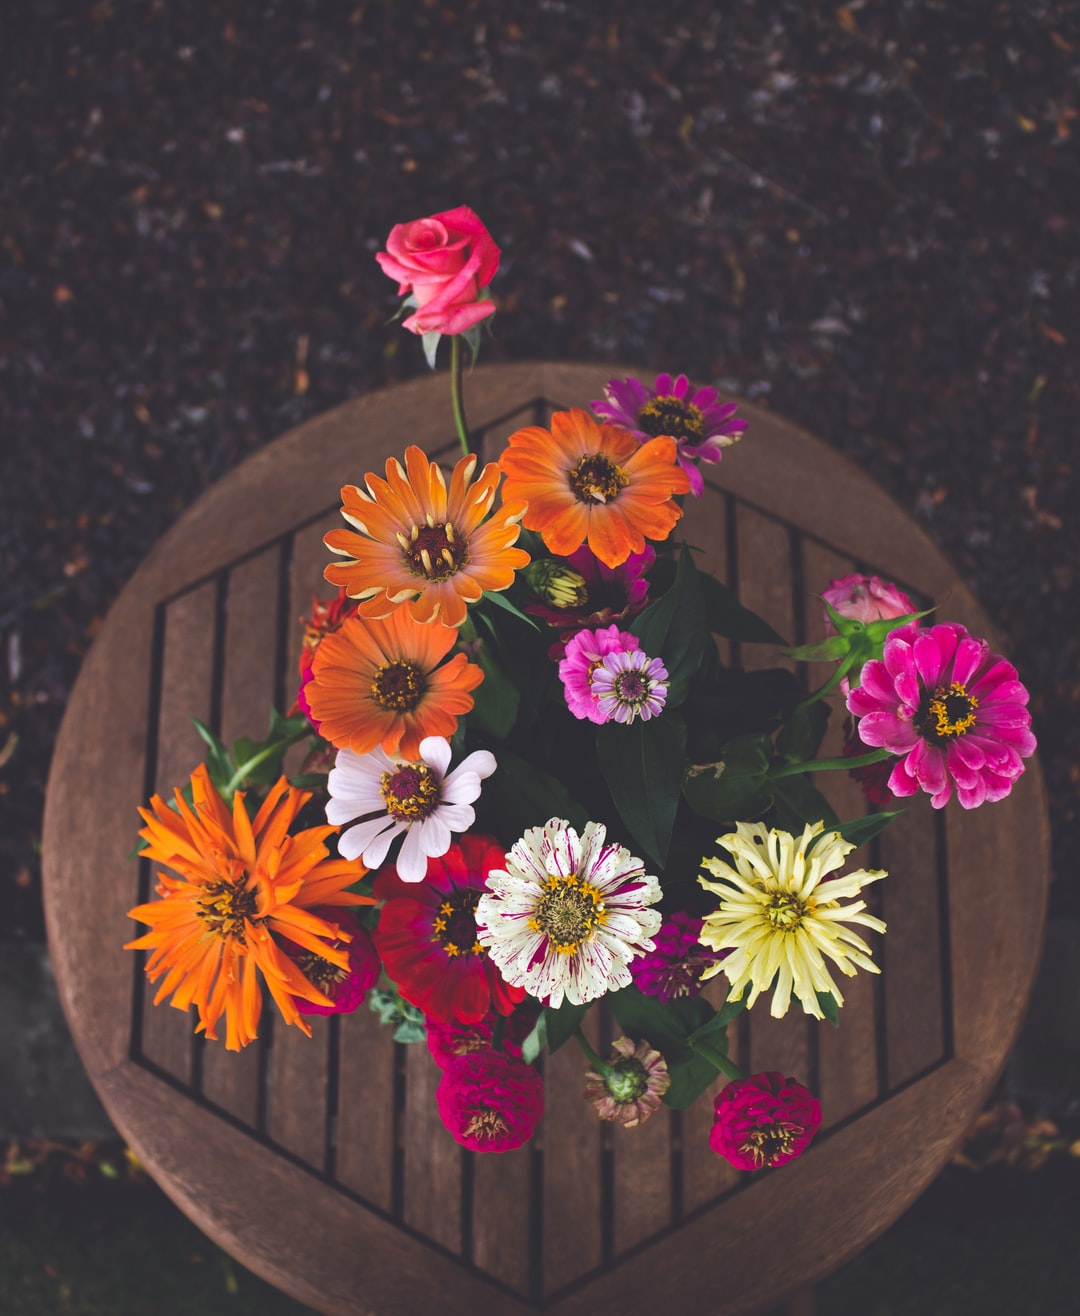 3946. Virágok